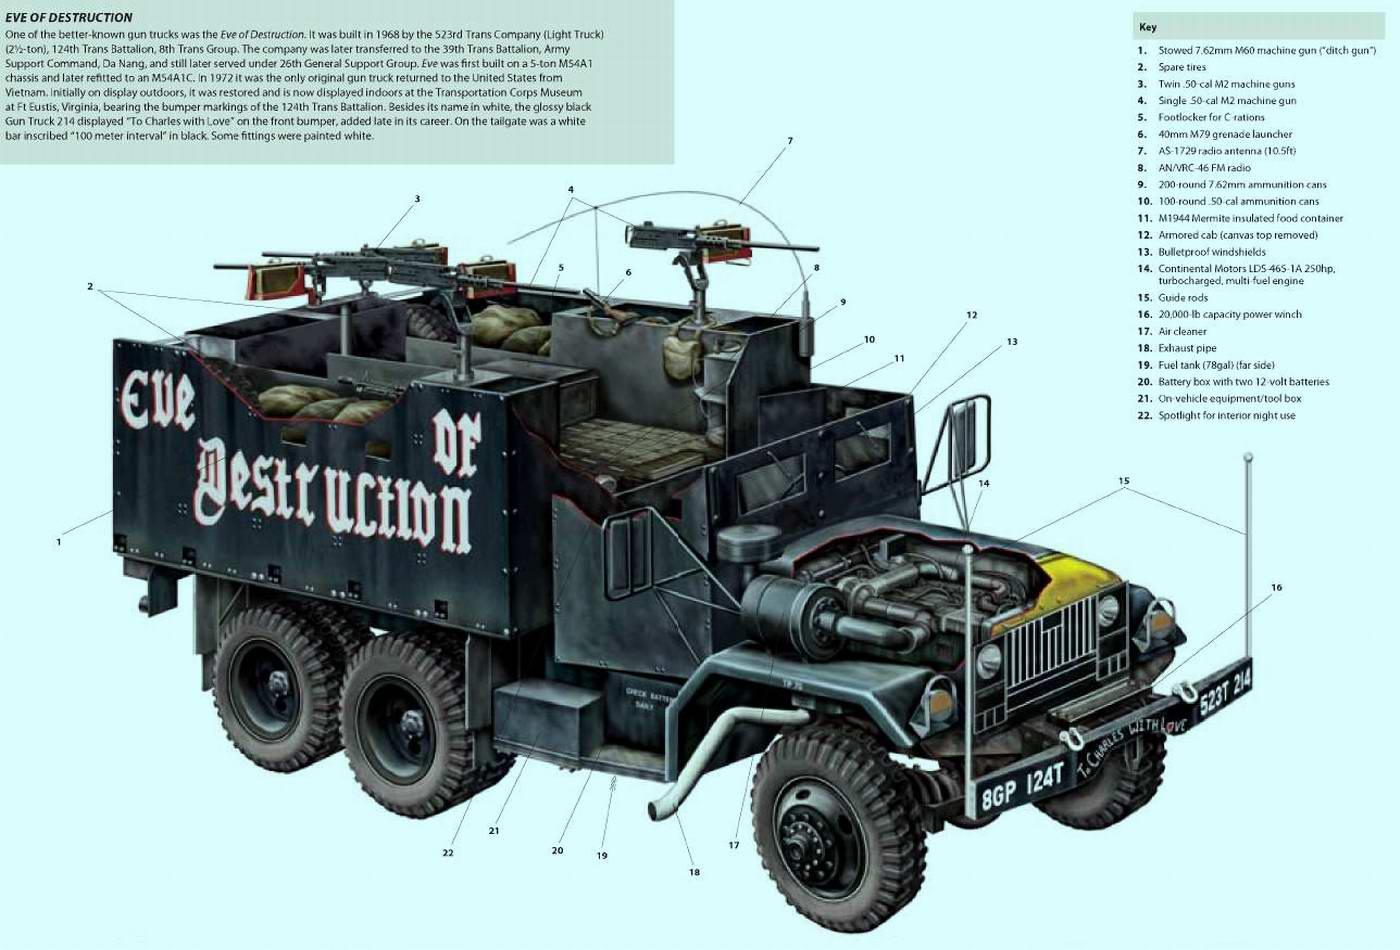 Vietnam Gun Truck (1965 - 73 г.г.) - Ган-трак - импровизированная (собранная в войсках из подручных средств) боевая бронемашина на базе грузовика (США)